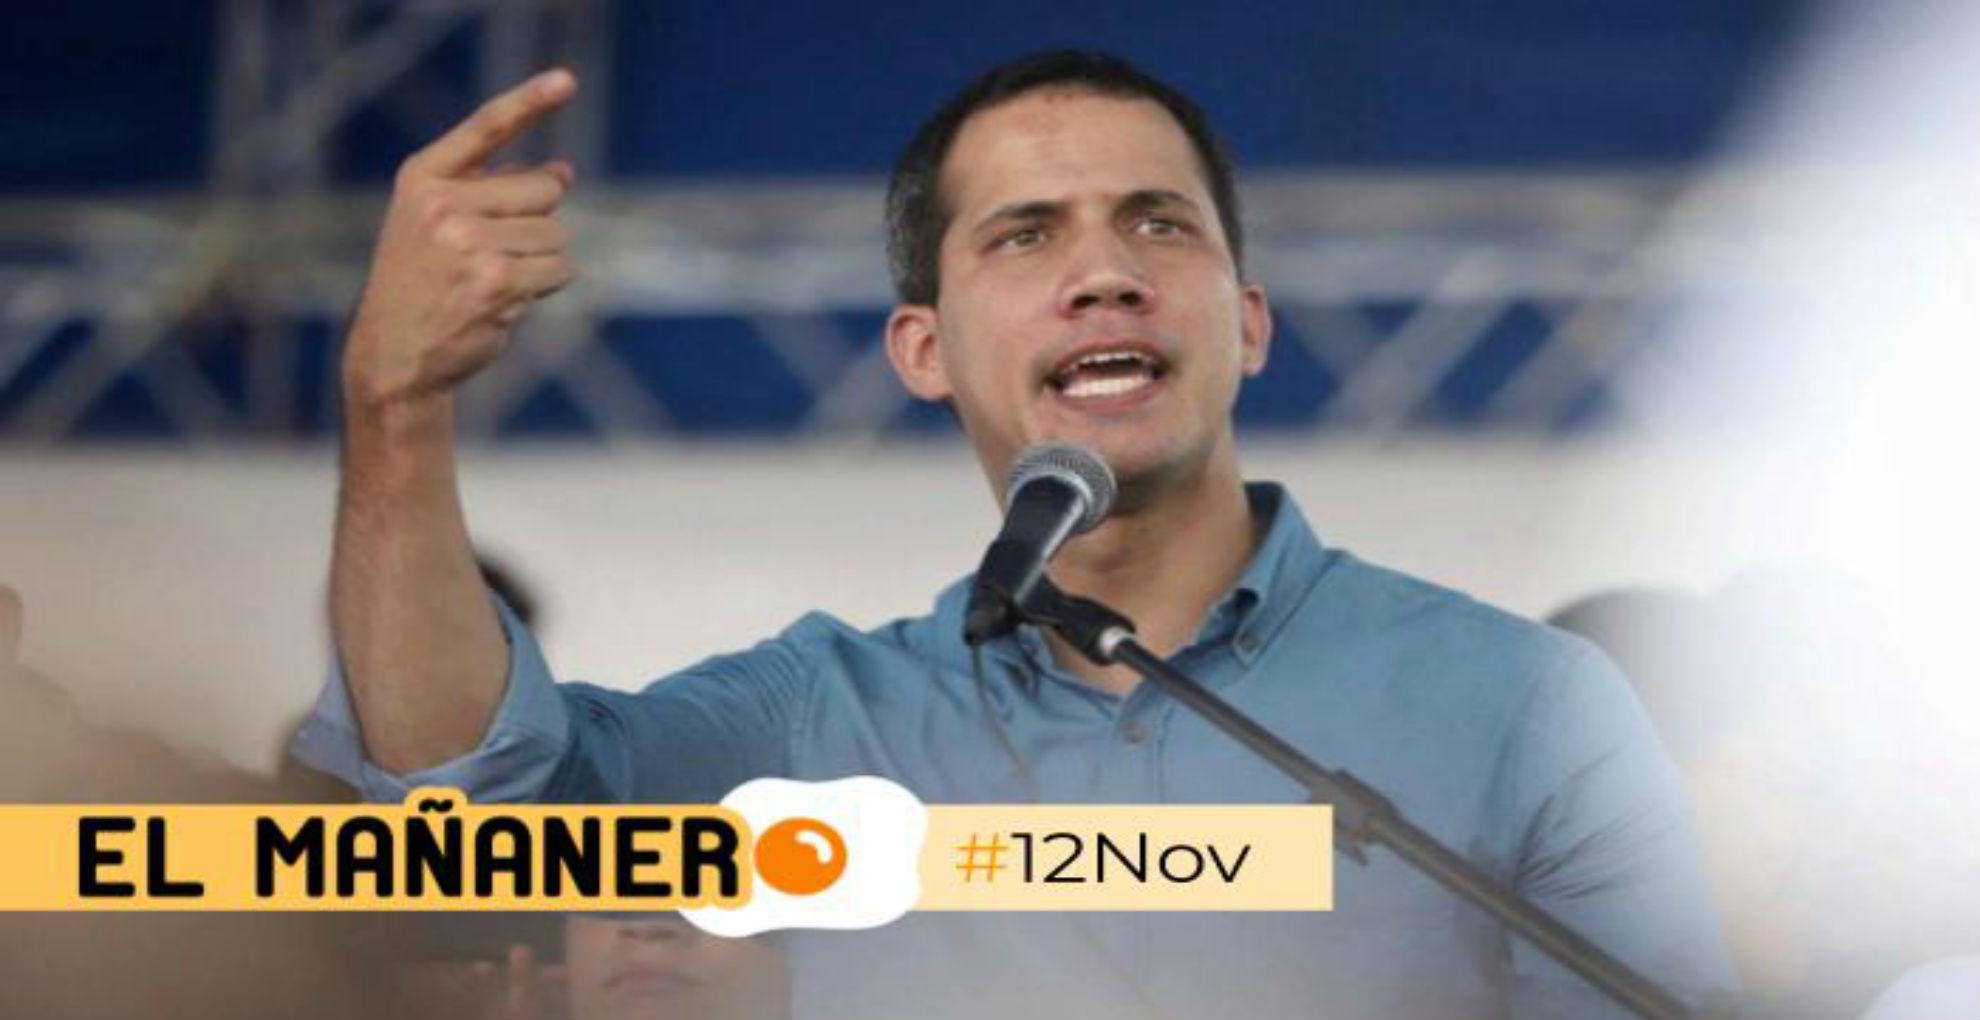 El Mañanero de hoy #12Nov: Las 8 noticias que debes saber